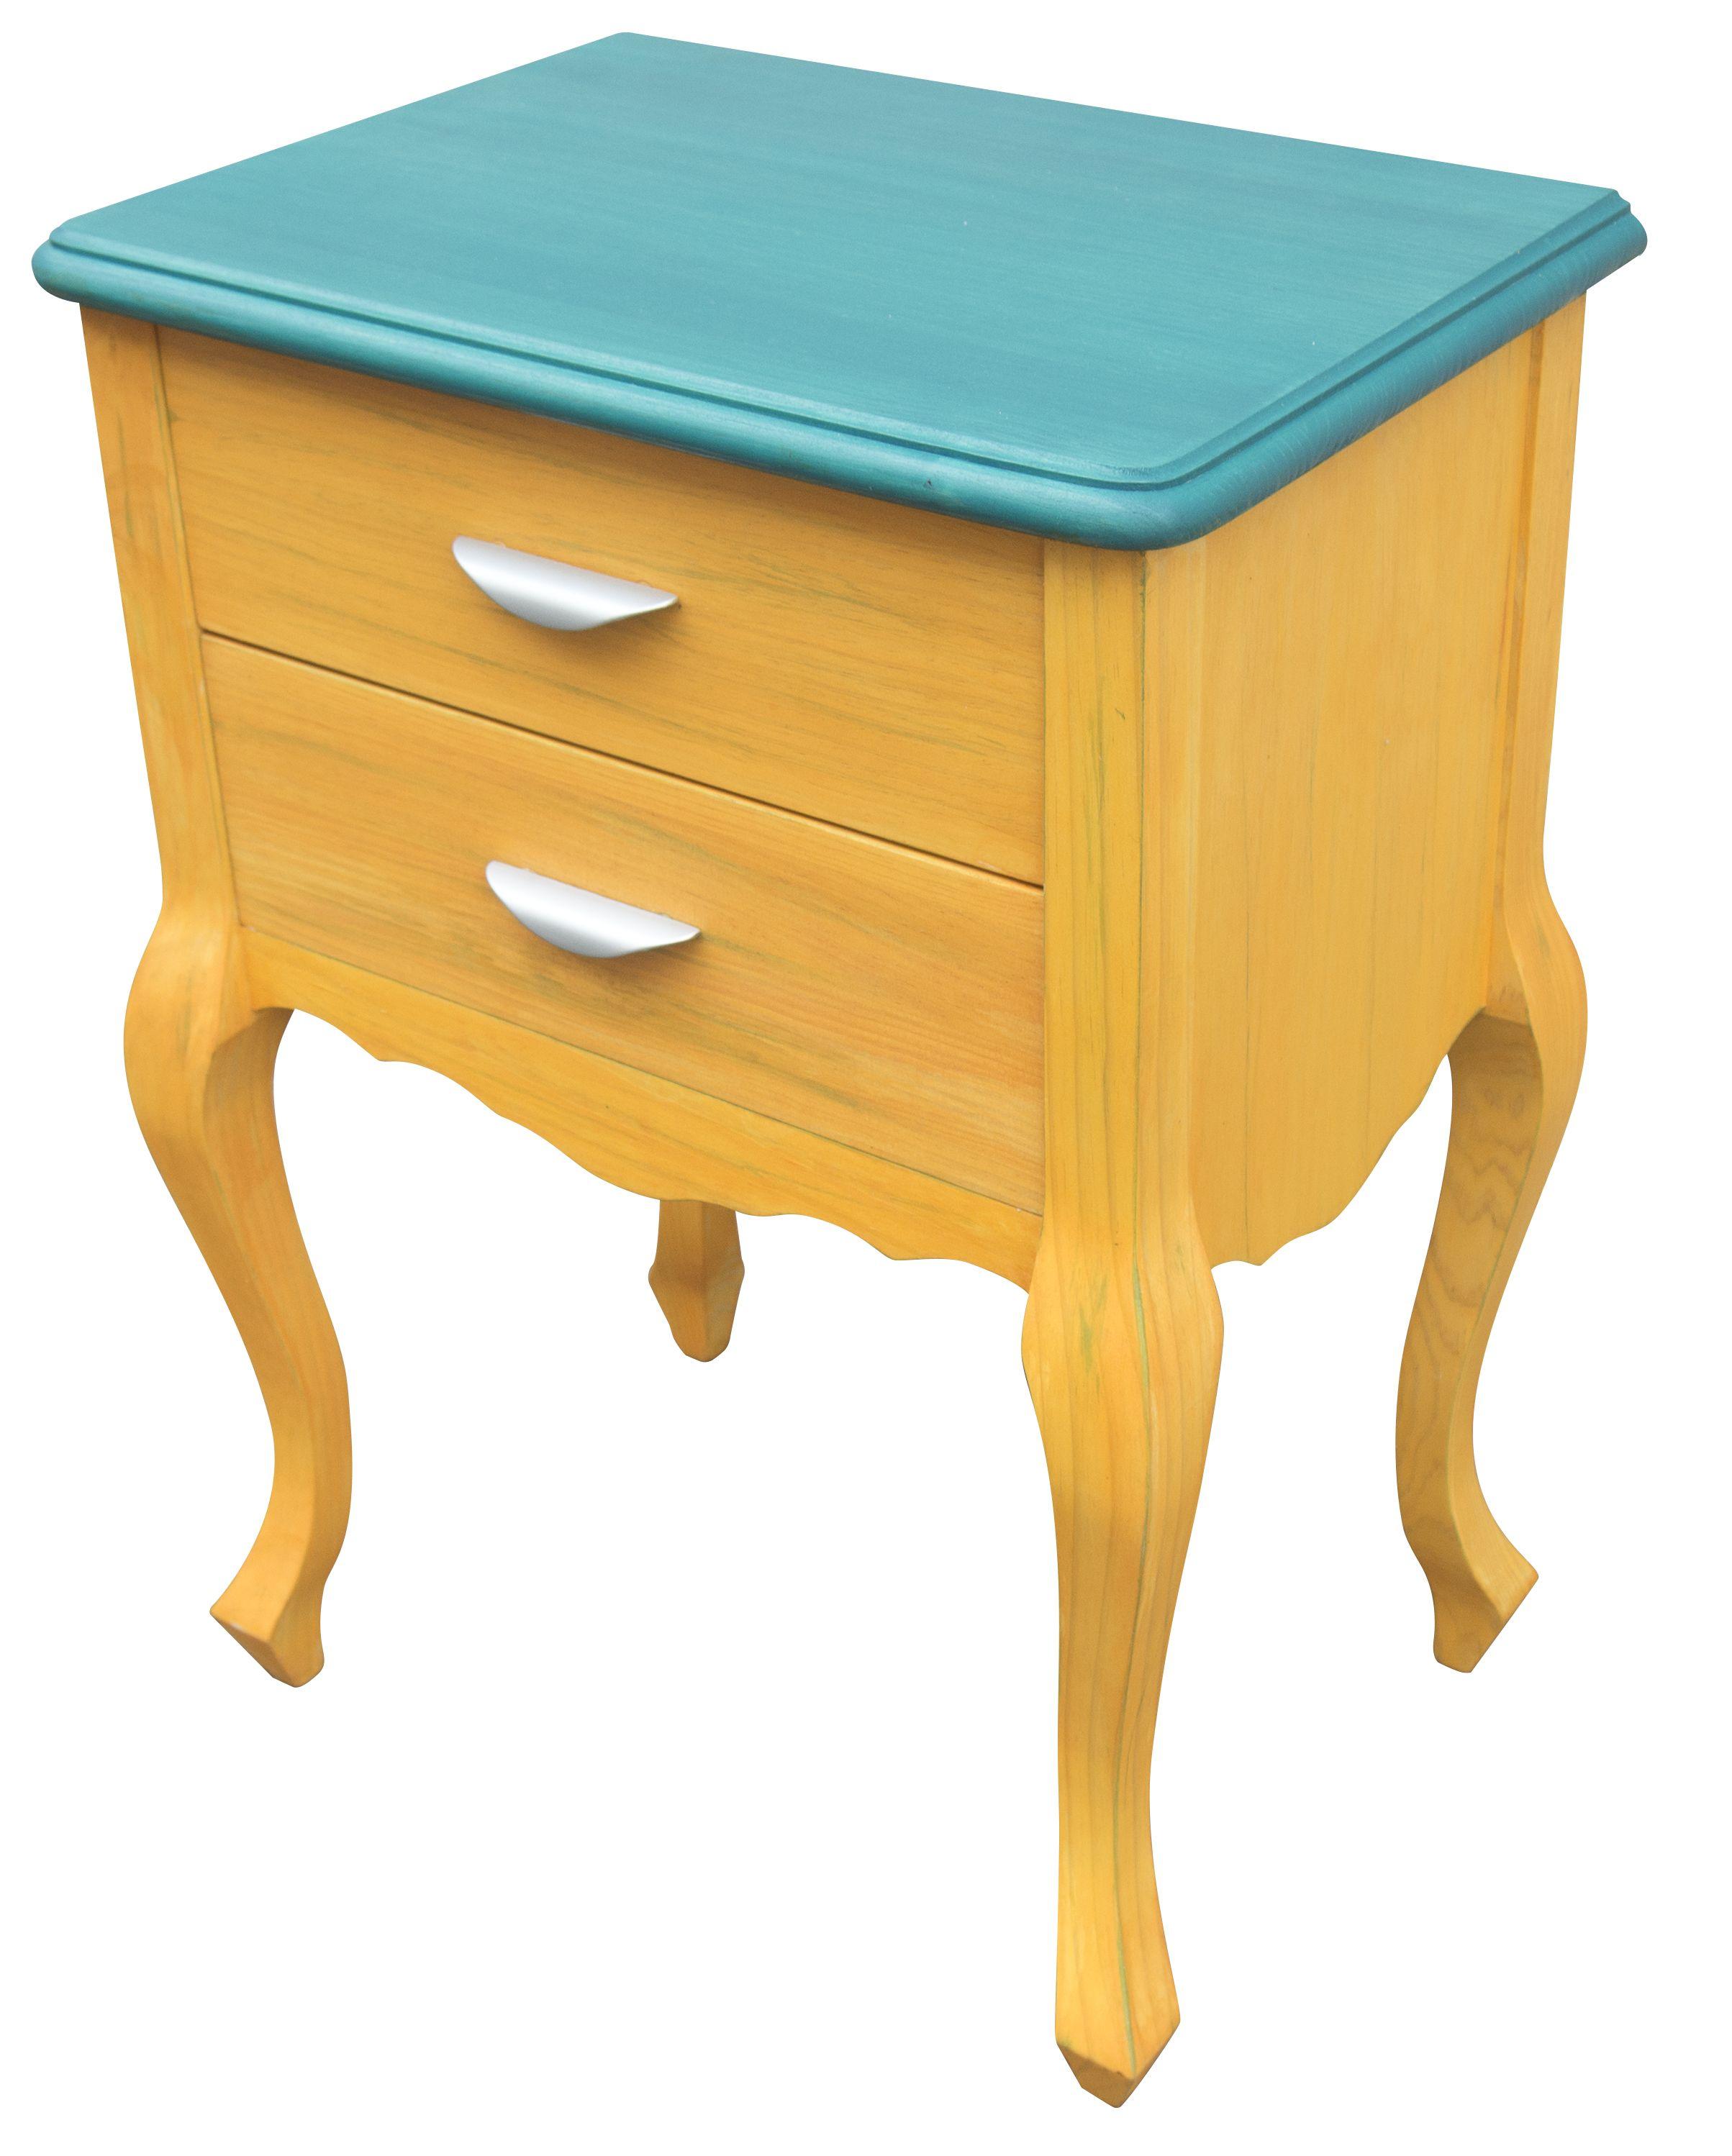 Mesilla pintada a mano, en color amarillo anaranjado y verde azulado ...